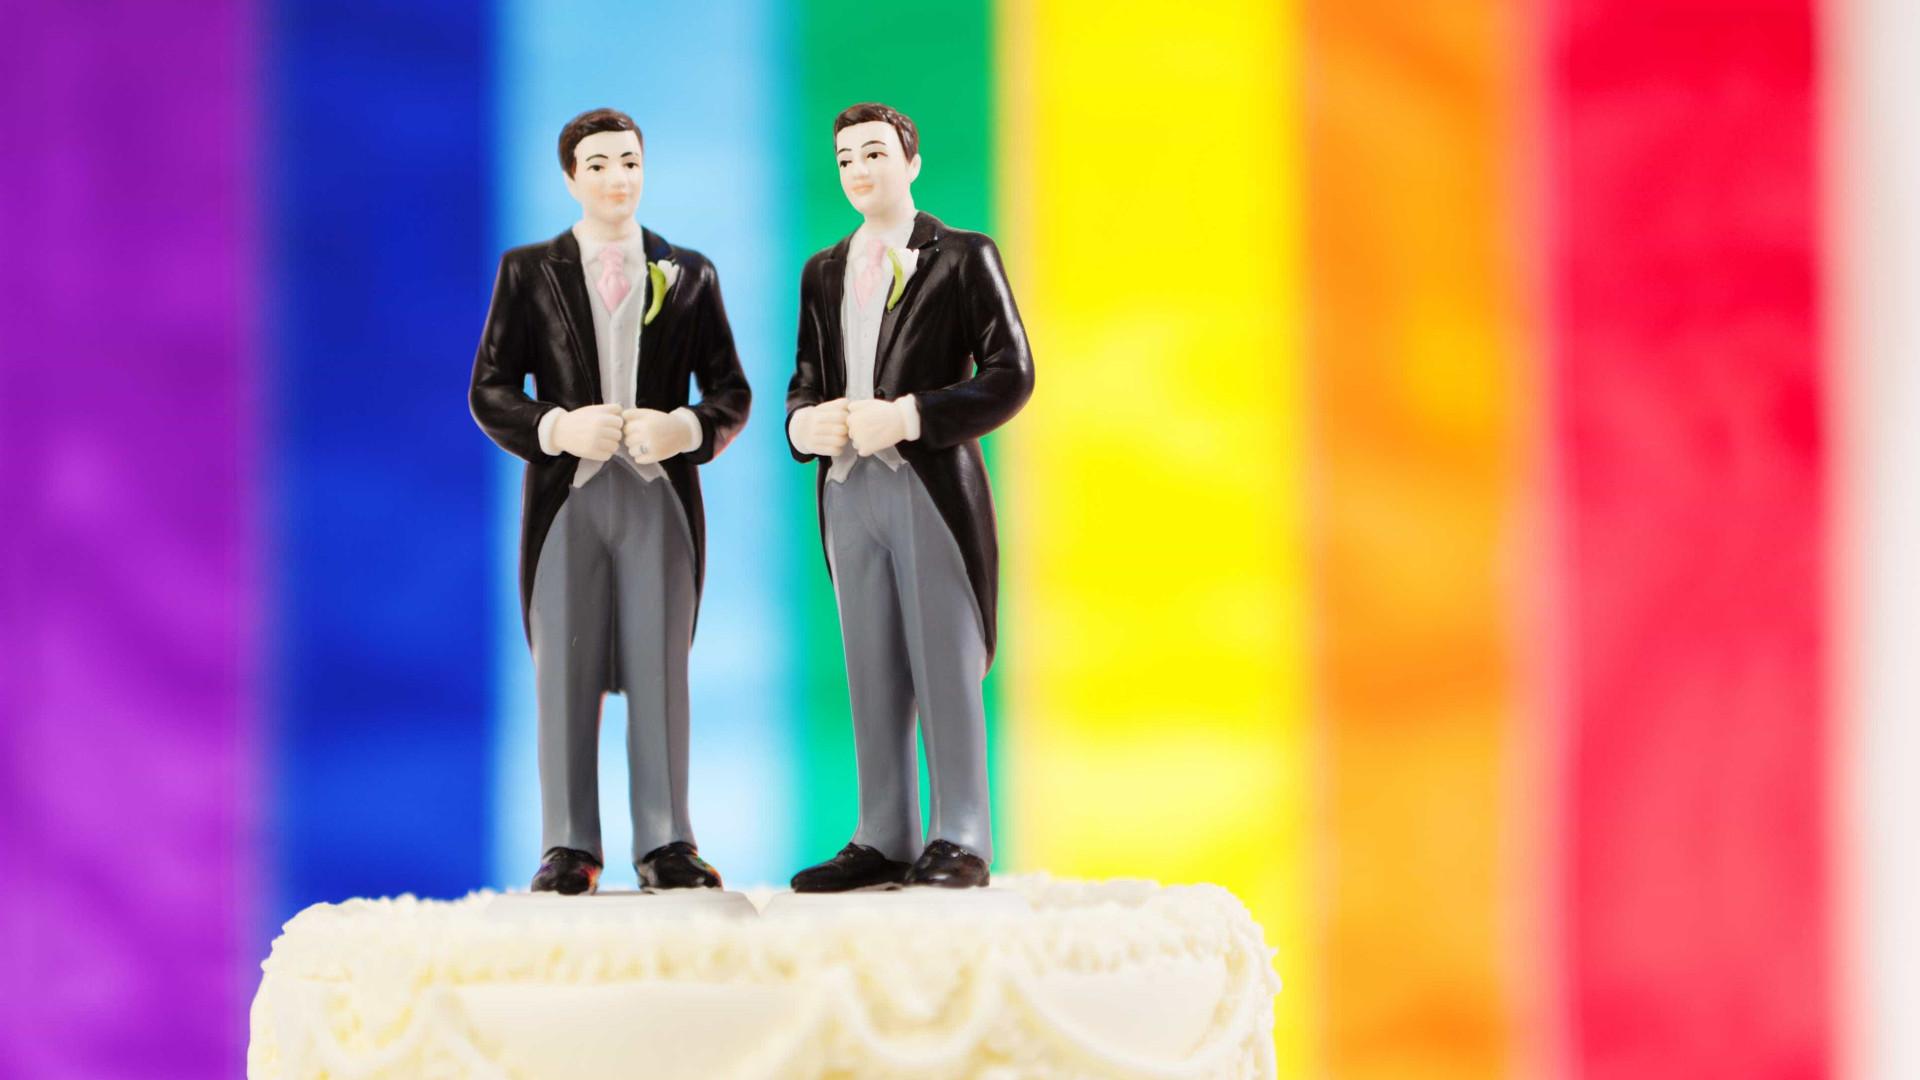 Austrália diz 'sim' aos casamentos homossexuais